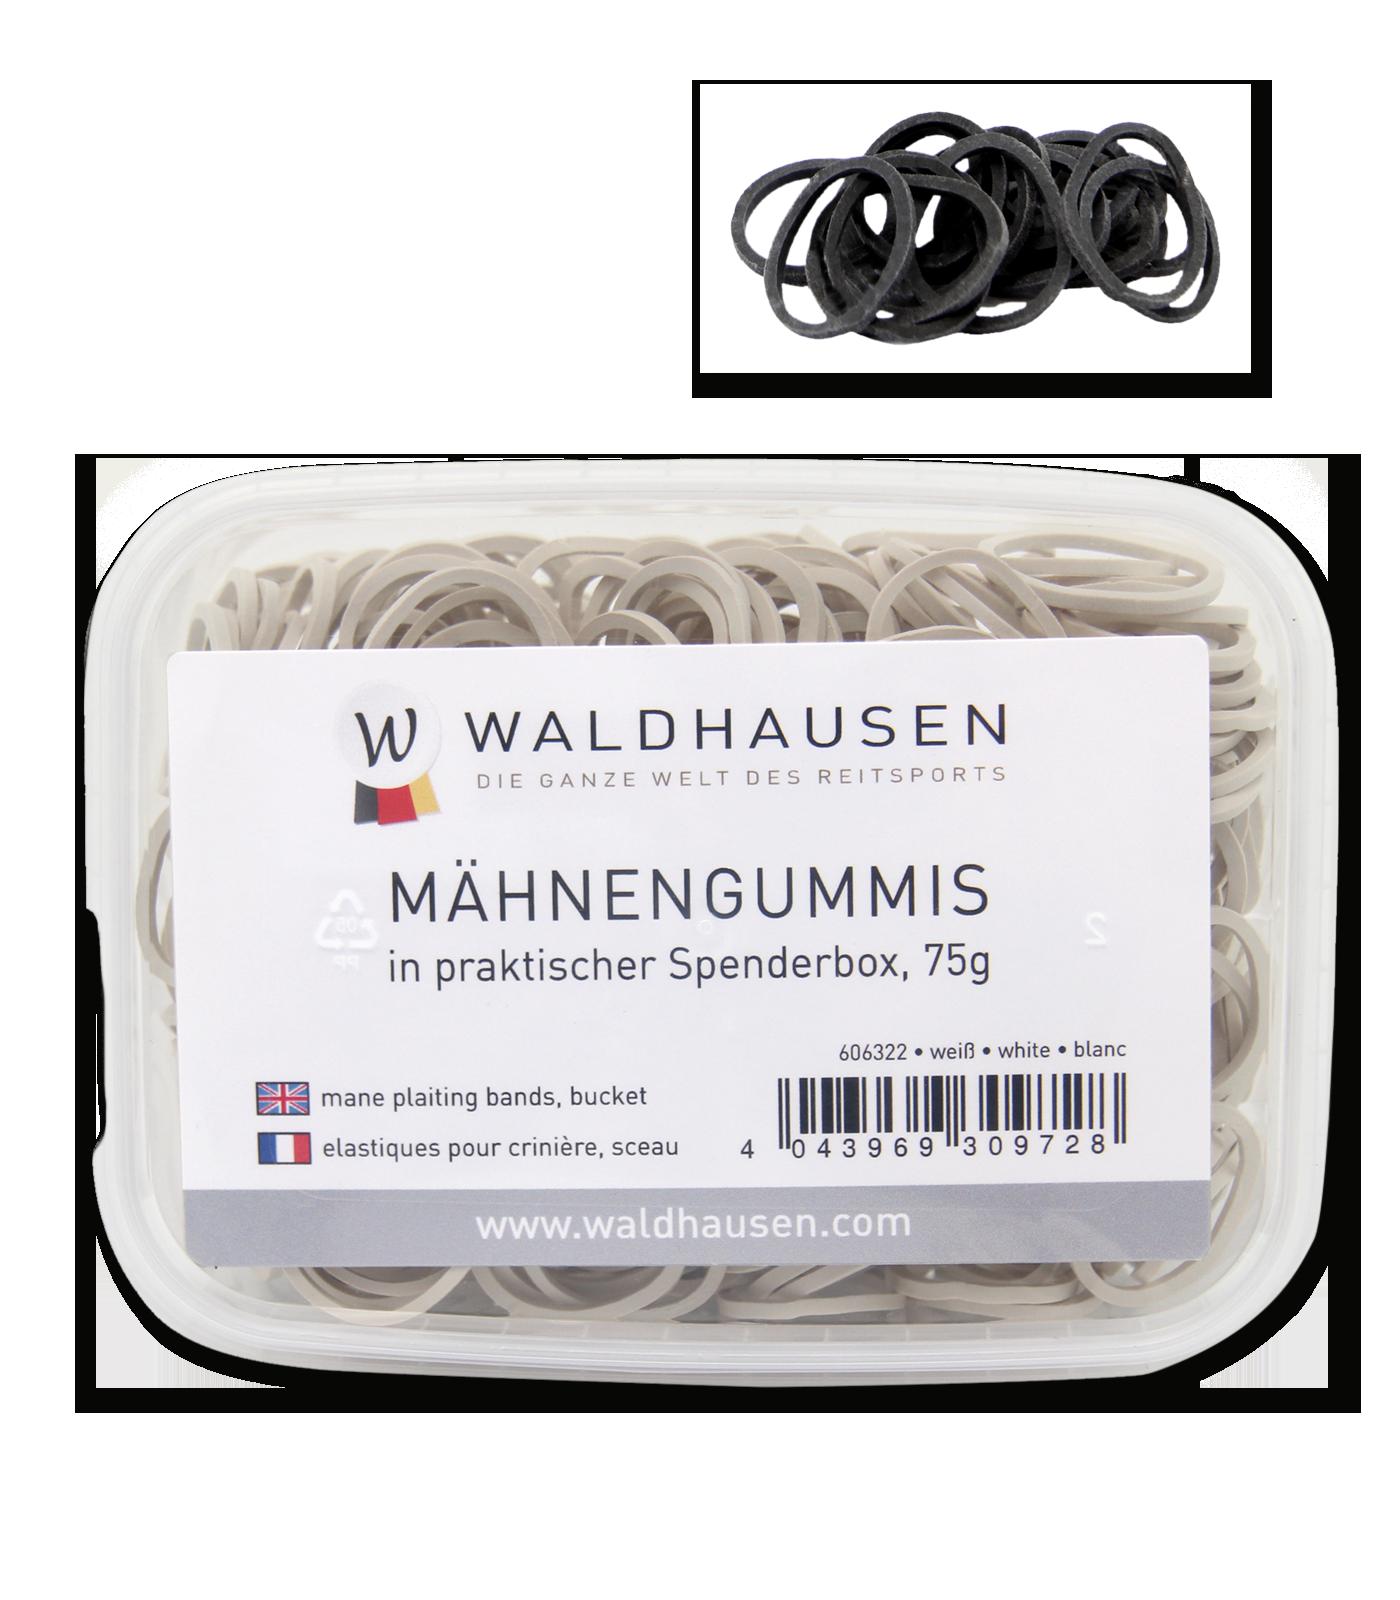 Waldhausen Mähnengummis in Spenderbox